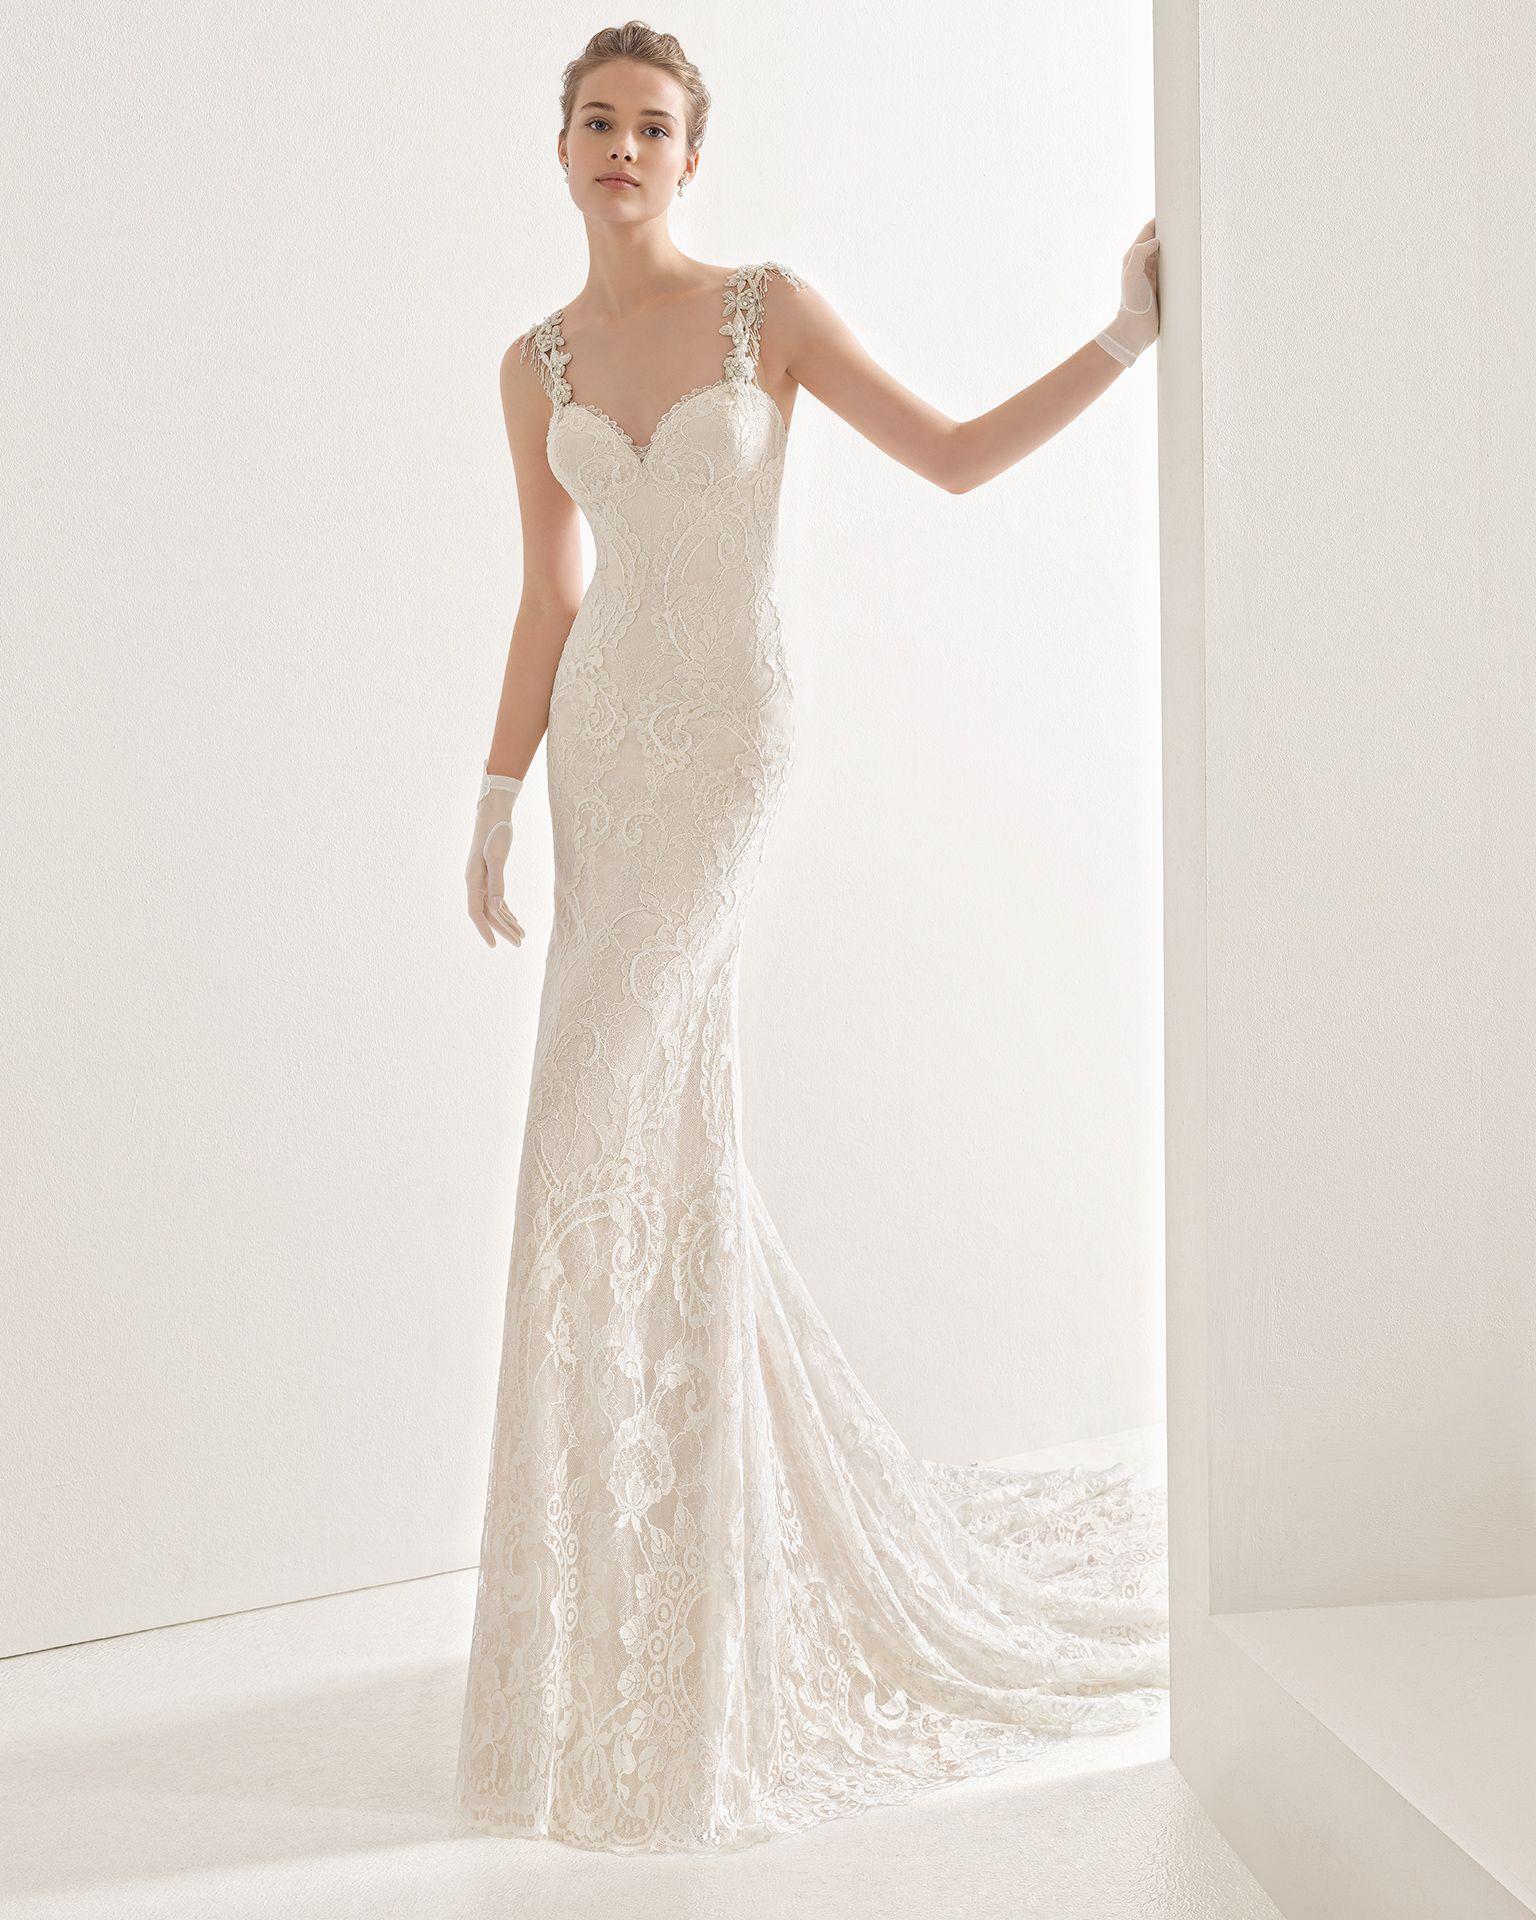 Naila - 2017 Bridal Collection. Rosa Clará.